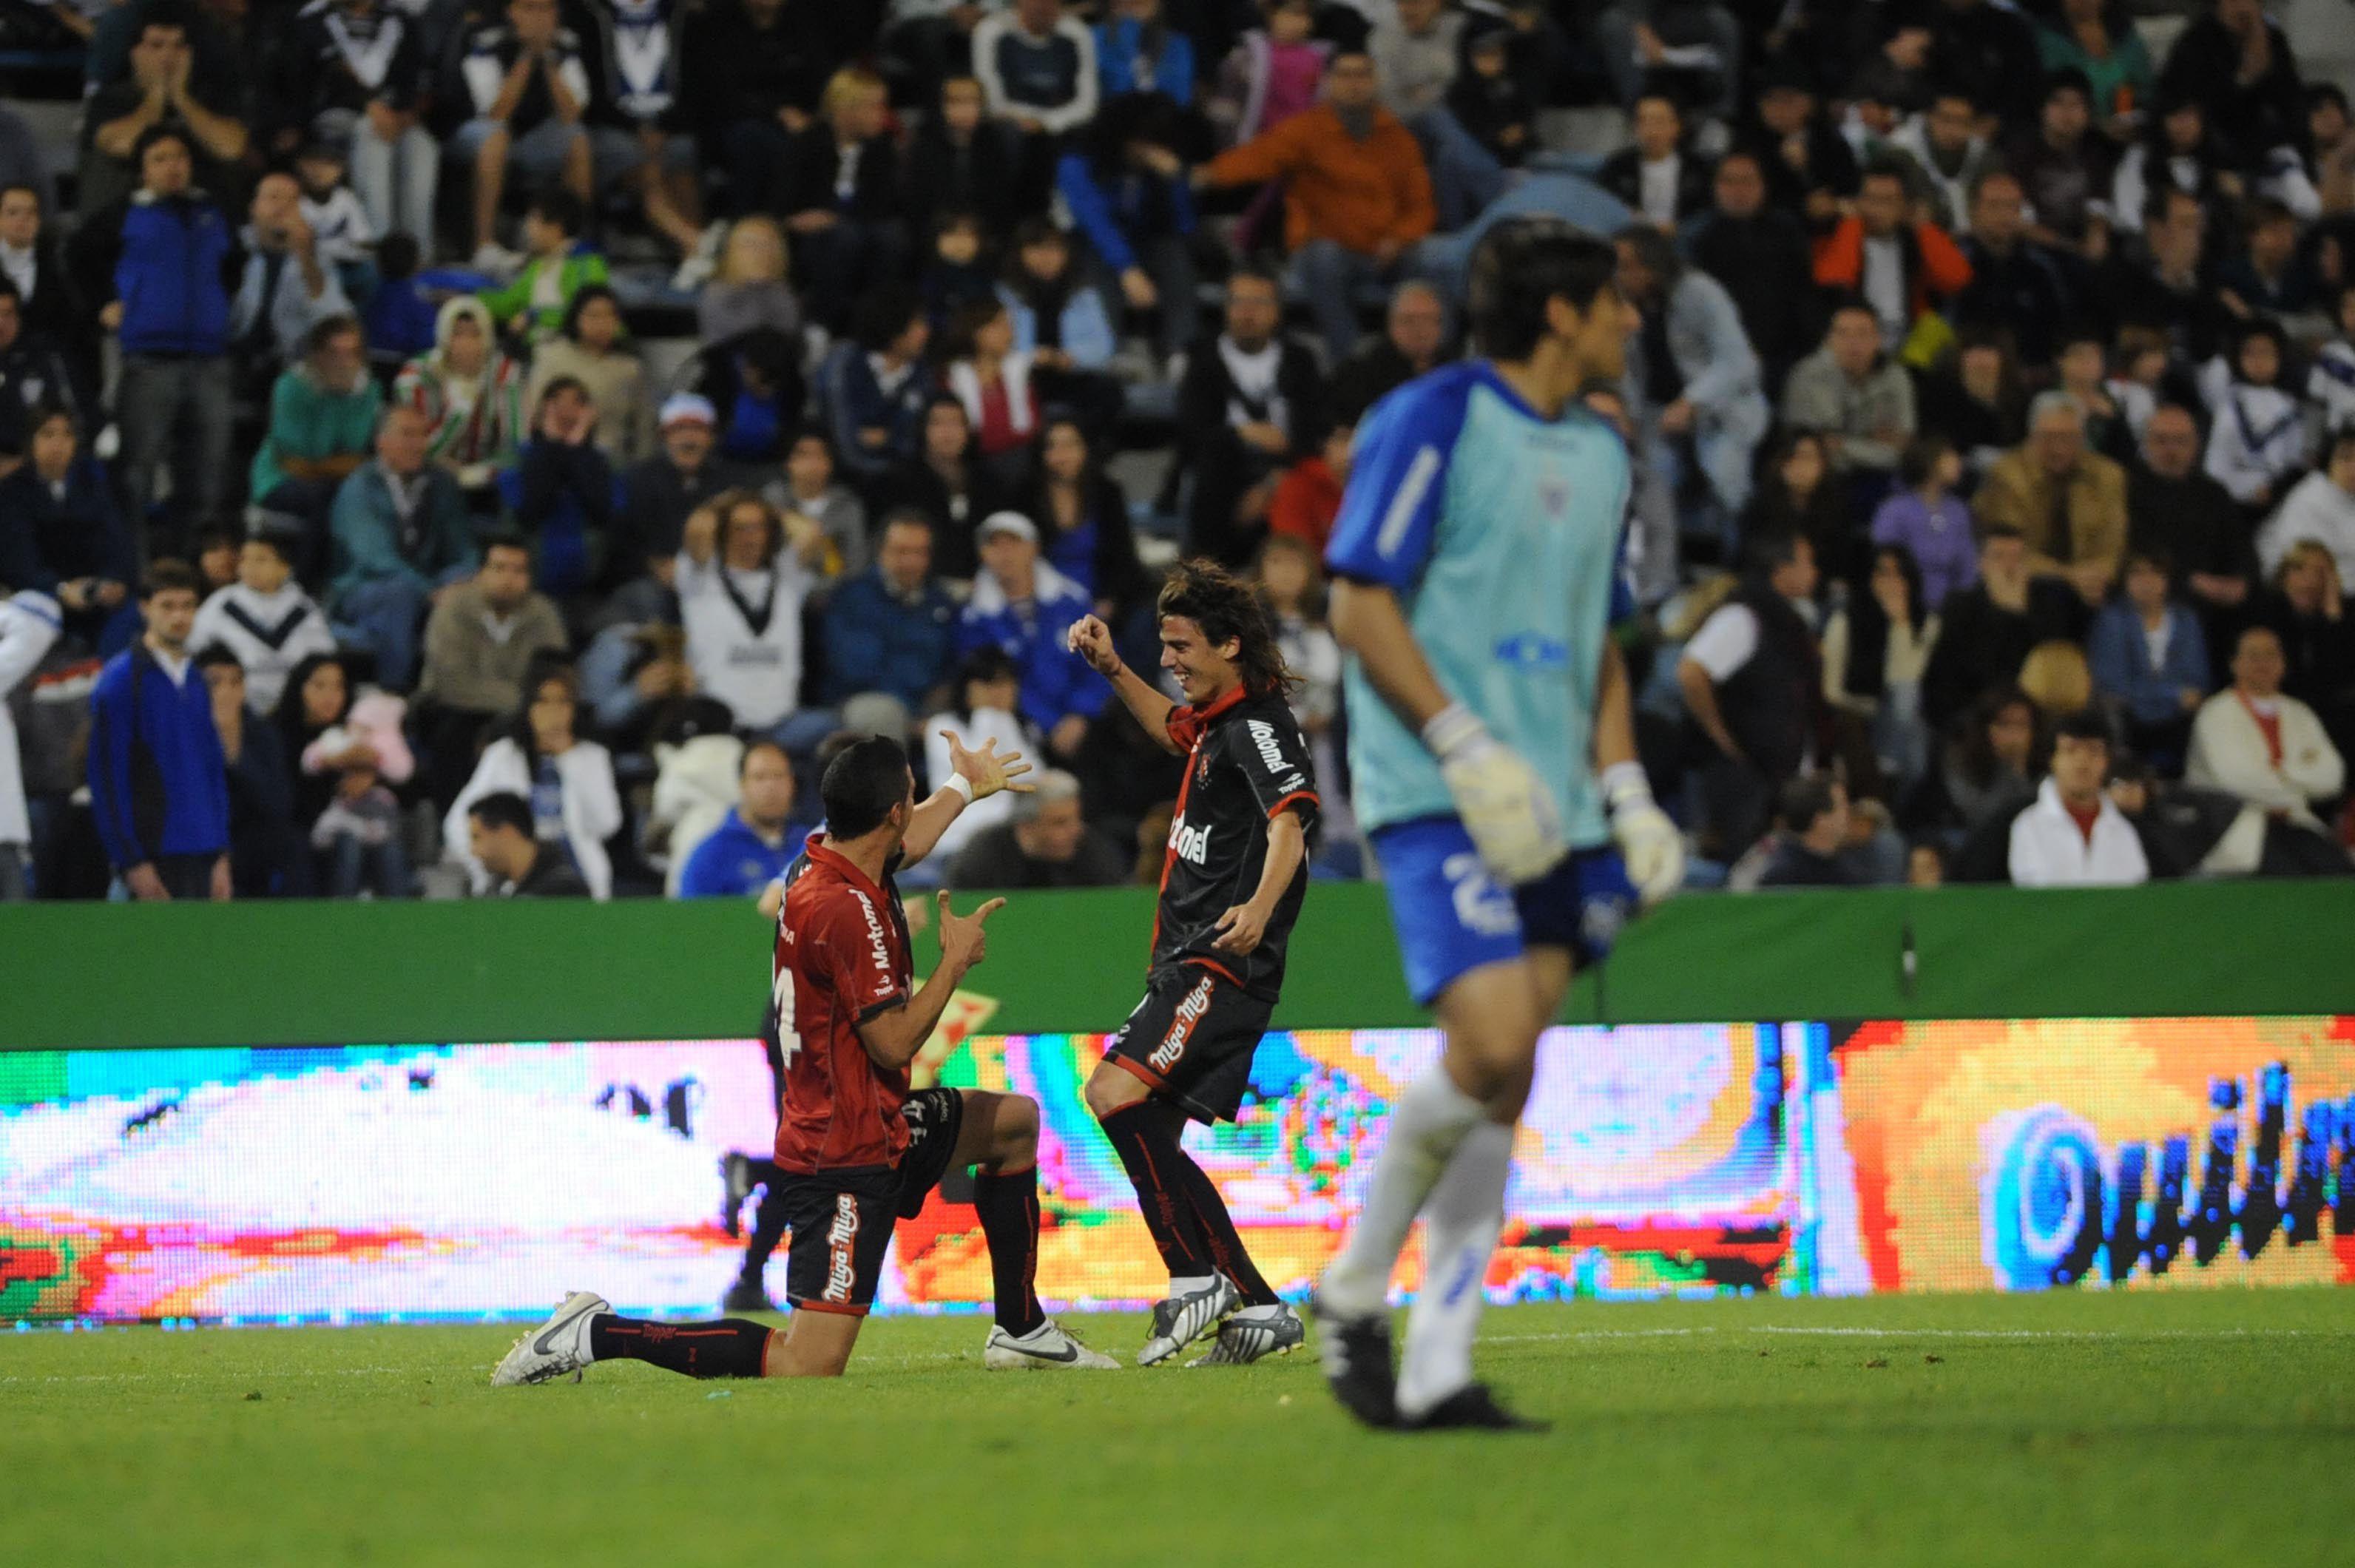 Newells bajó a Vélez en Liniers con gran actuación de Boghossian y ya es candidato